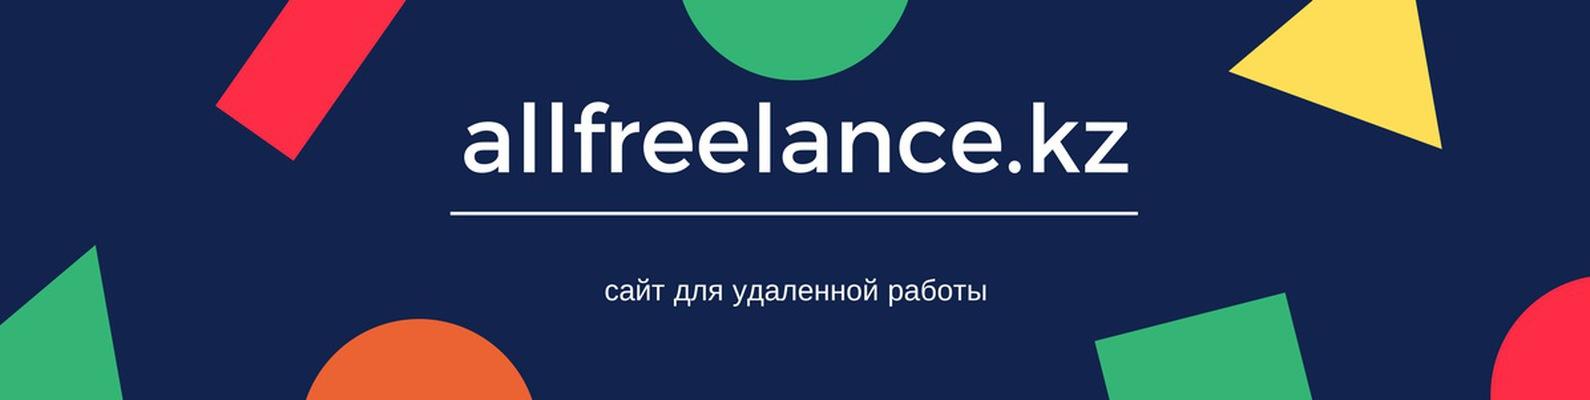 Сайт фриланс казахстан работа в санкт-петербурге сметчик удаленная работа